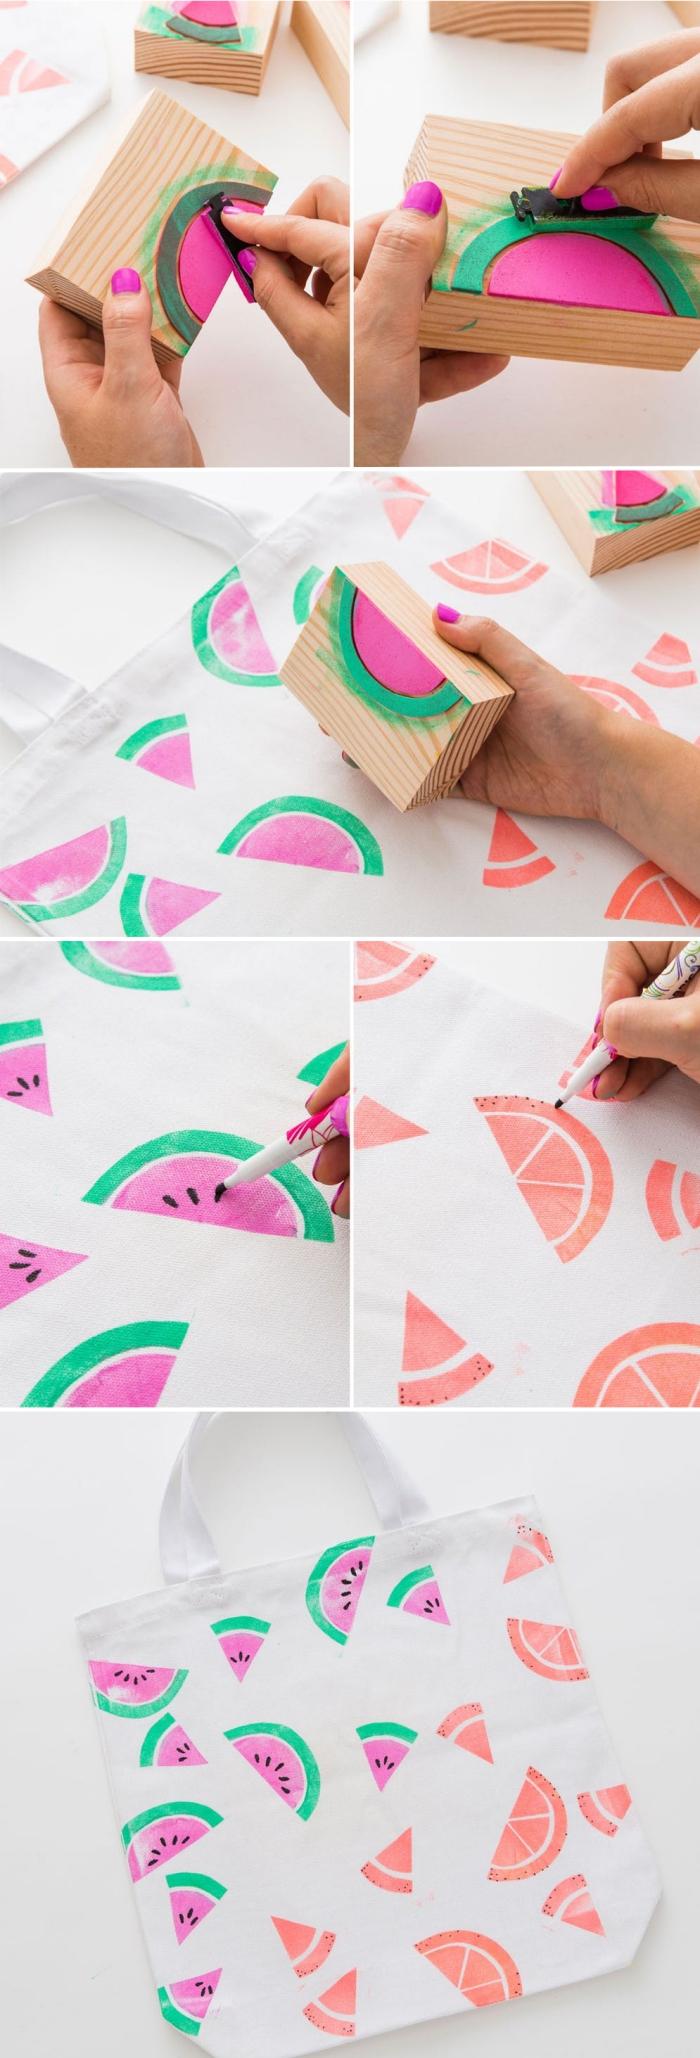 comment dessiner des motifs demi-pastèque sur un tissu blanc, idée comment personnaliser un sac cabas blanc